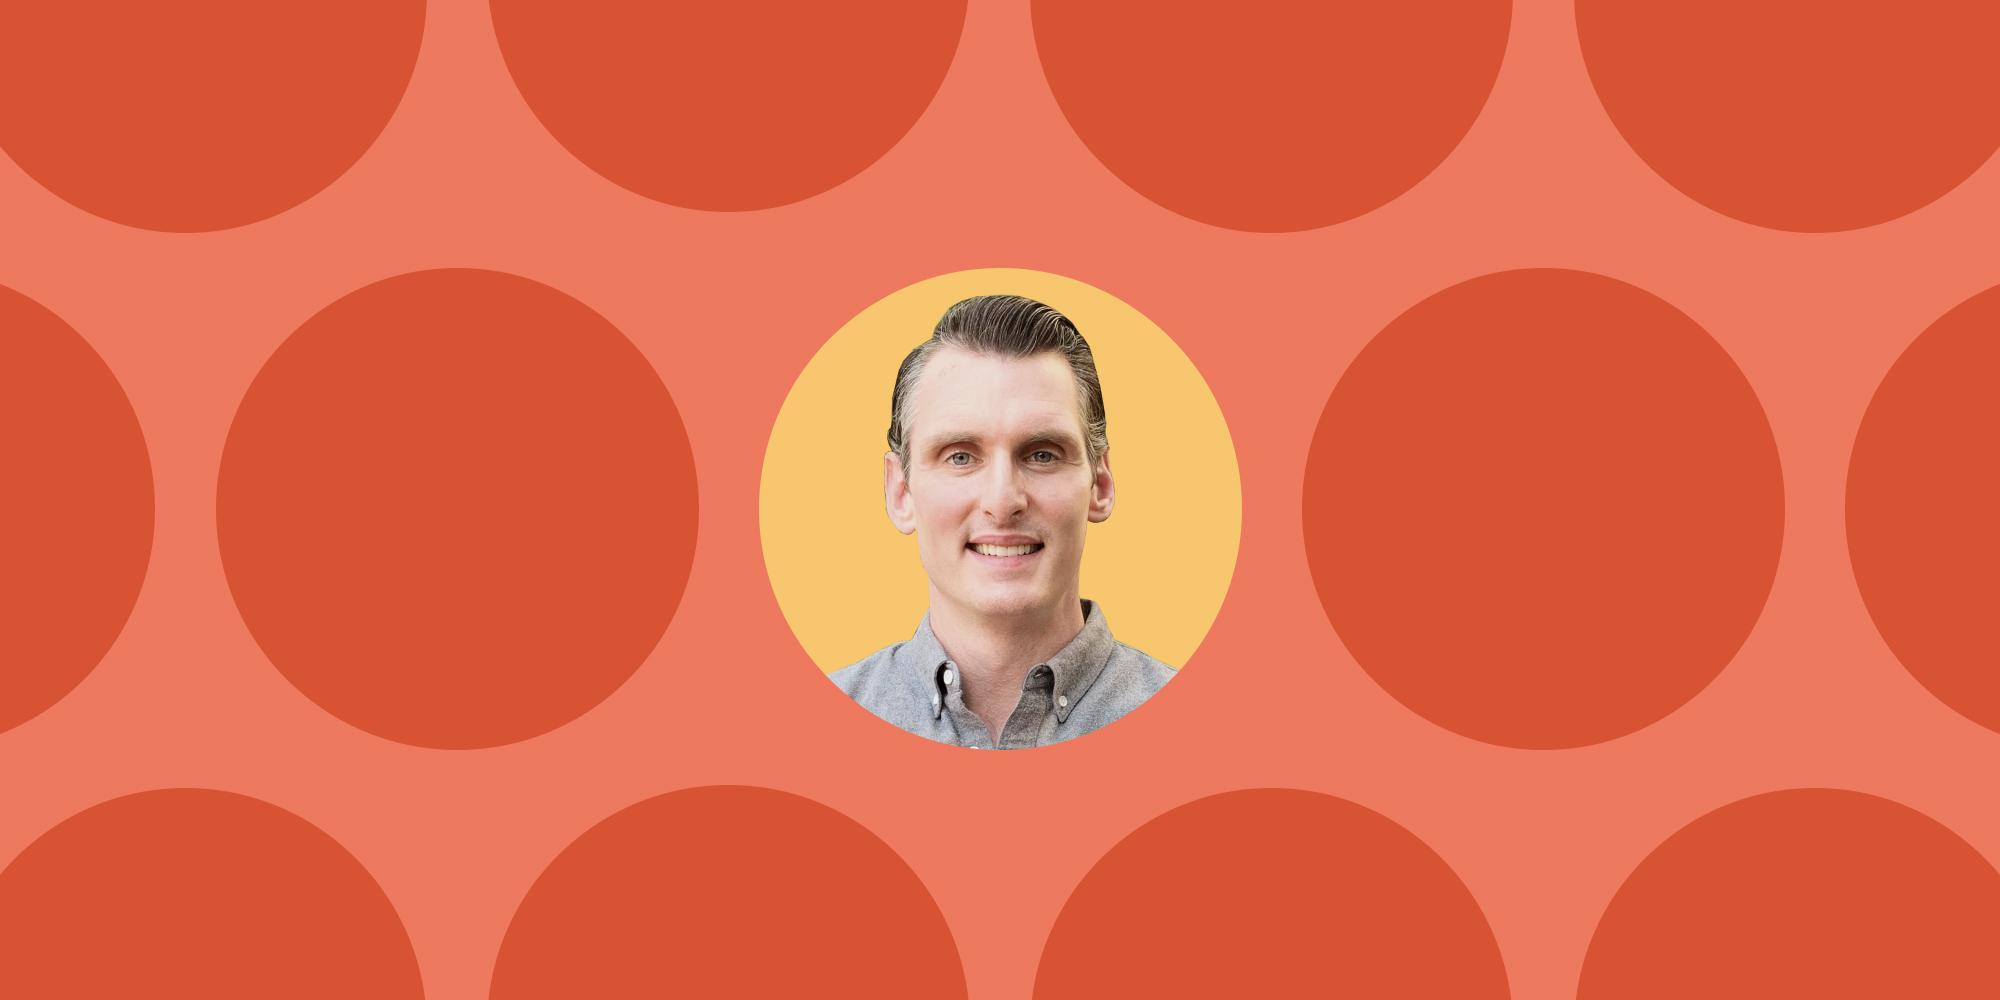 A headshot of Sam Taylor, new Sales & Success VP at Loom.